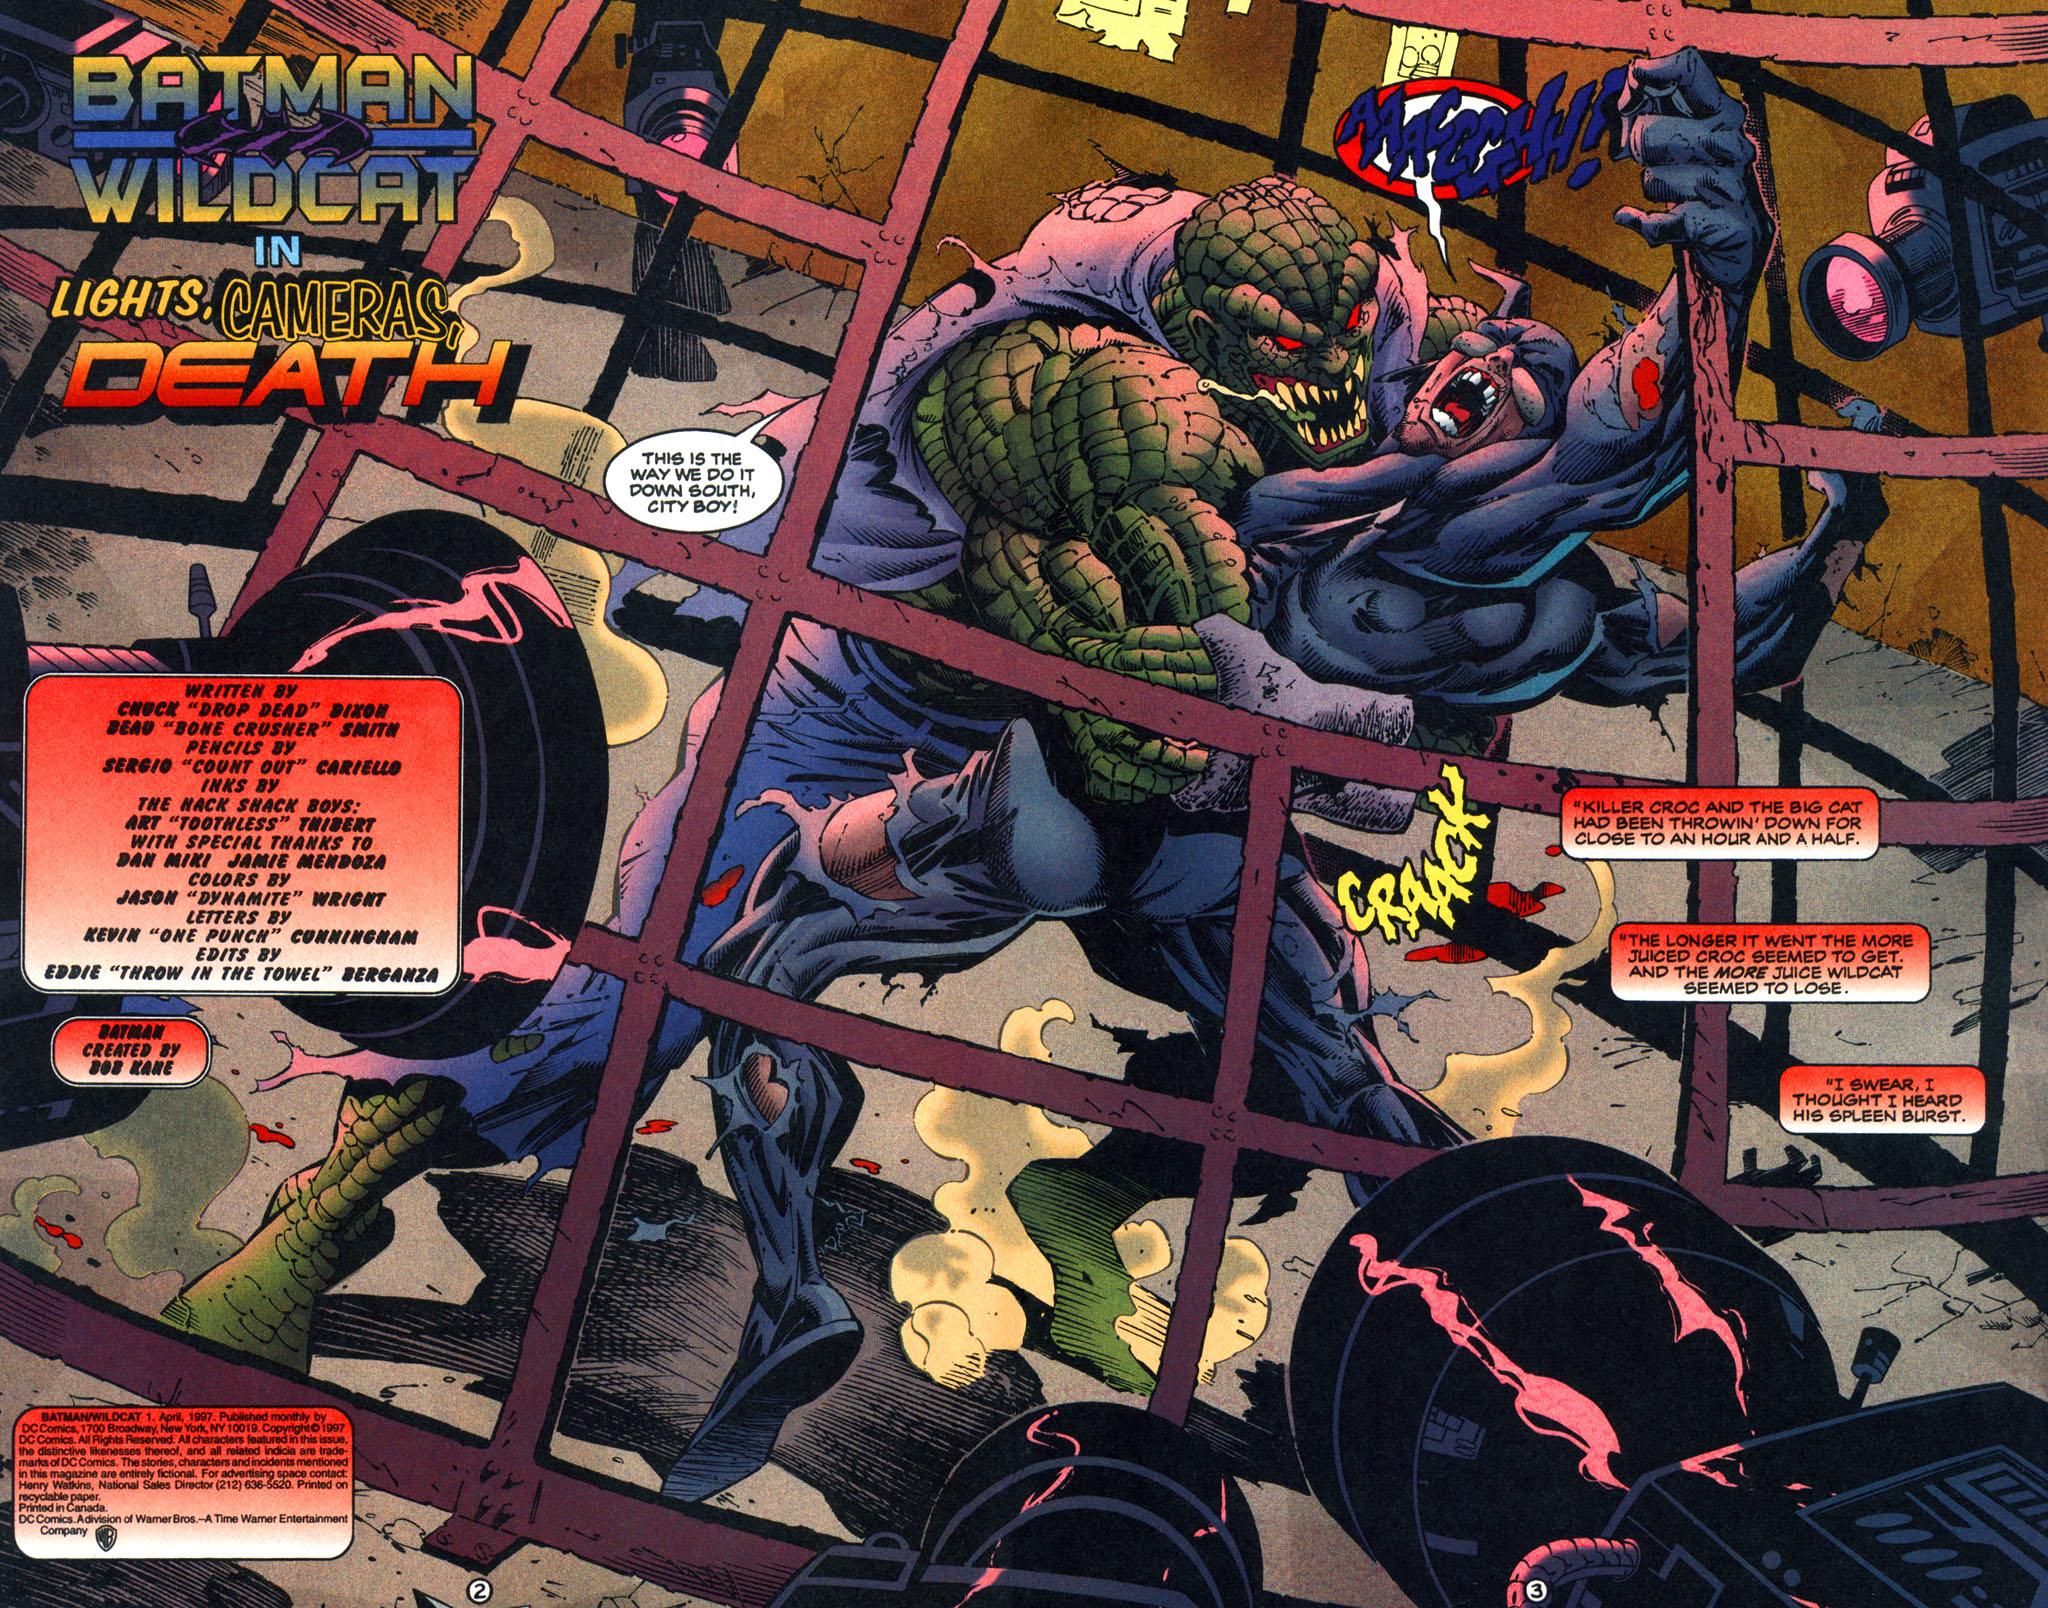 Read online Batman/Wildcat comic -  Issue #1 - 3